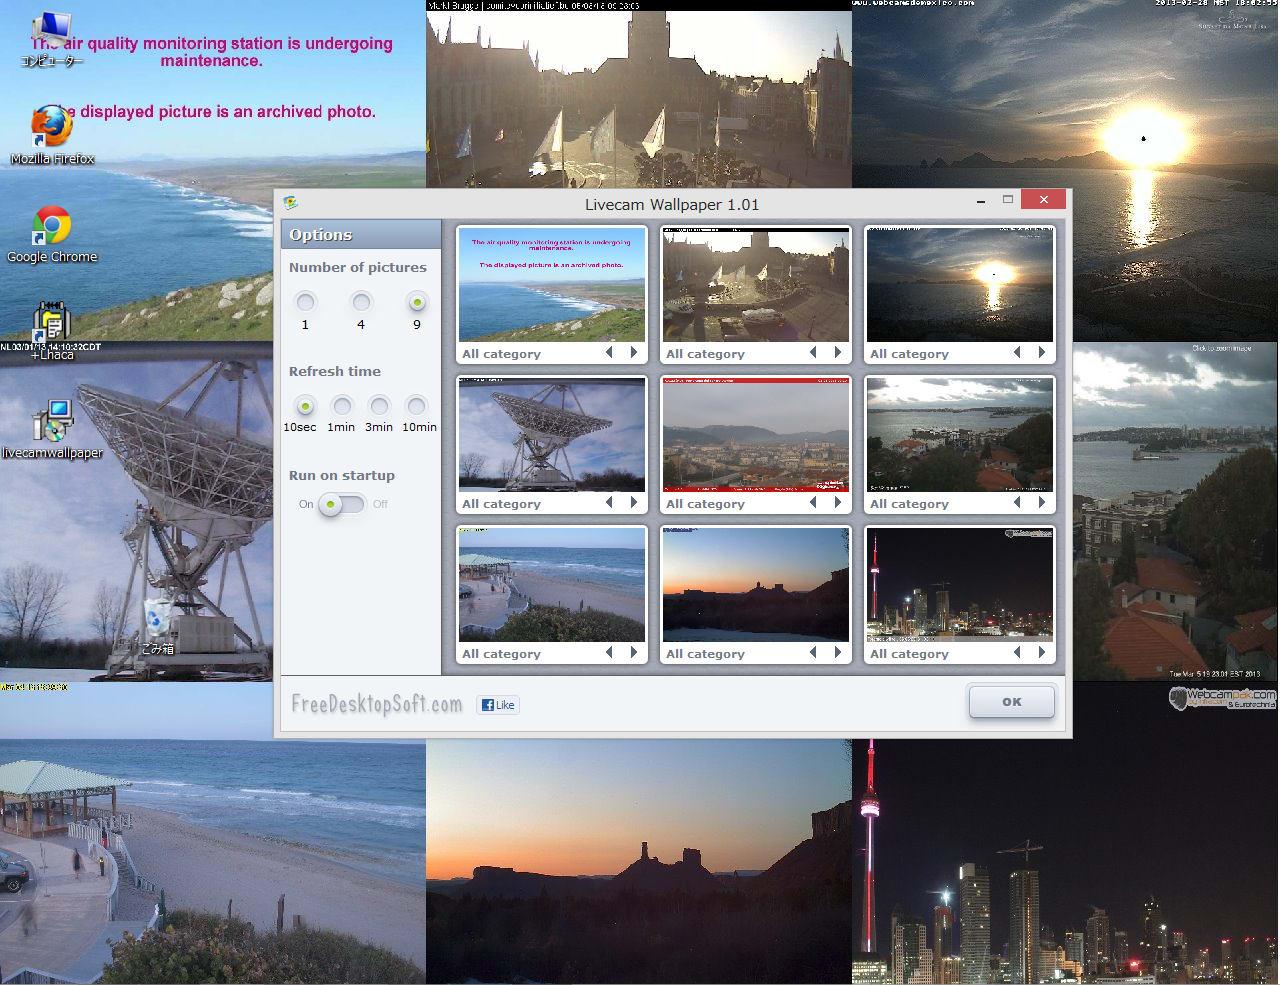 Livecam Wallpaper